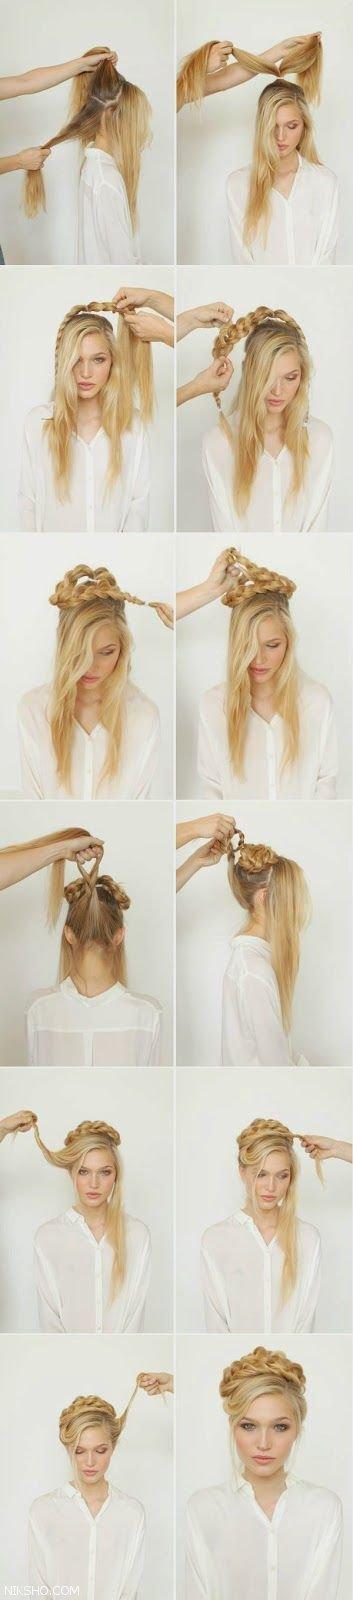 مدل بافت موی زنانه با طرح های خیلی جذاب +آموزش تصویری